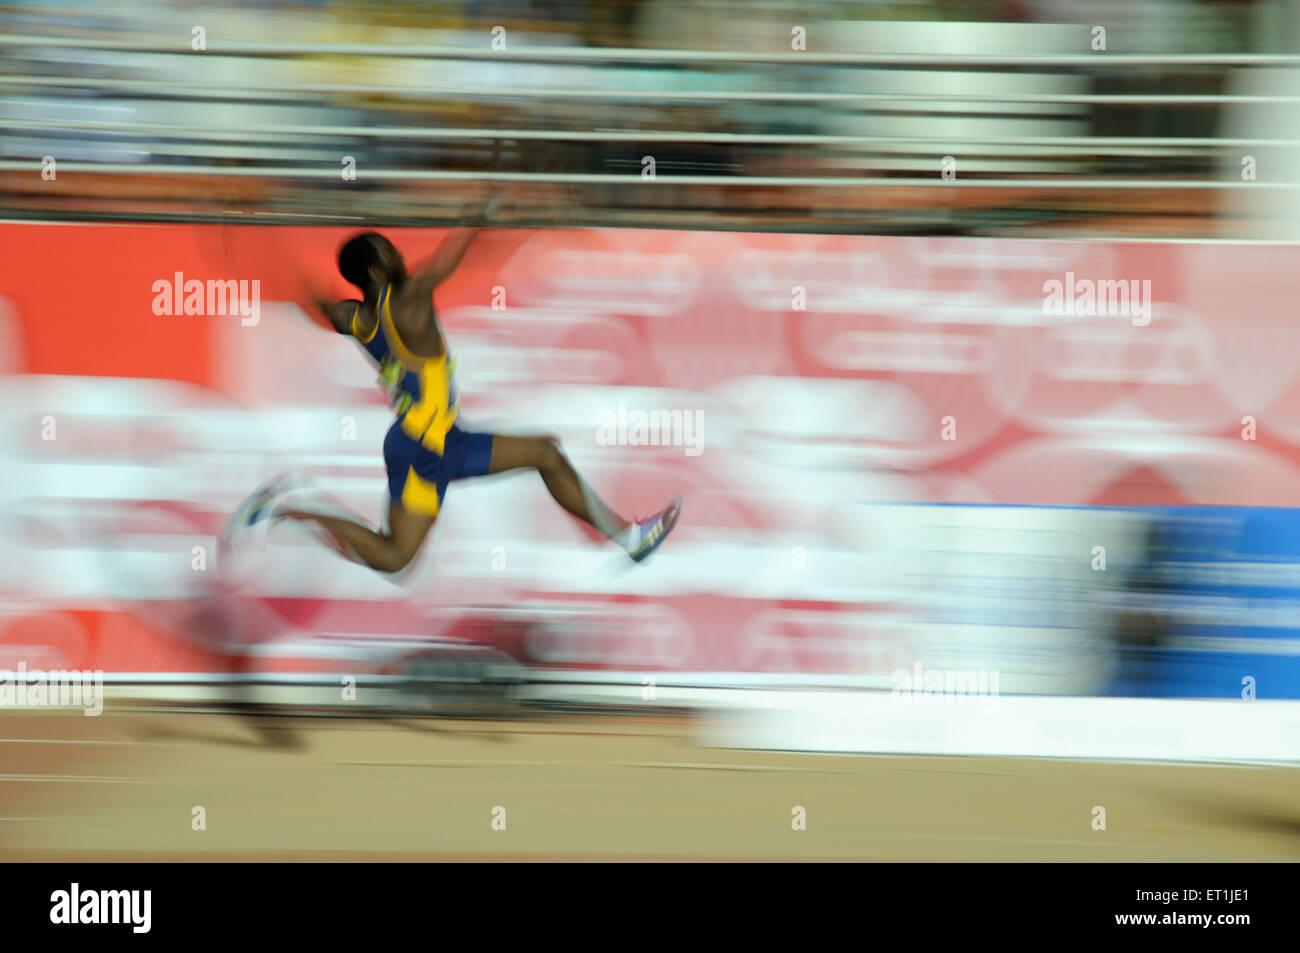 Atleta di tentare il salto in lungo ; Pune ; Maharashtra ; India 16 ottobre 2008 NOMR Immagini Stock